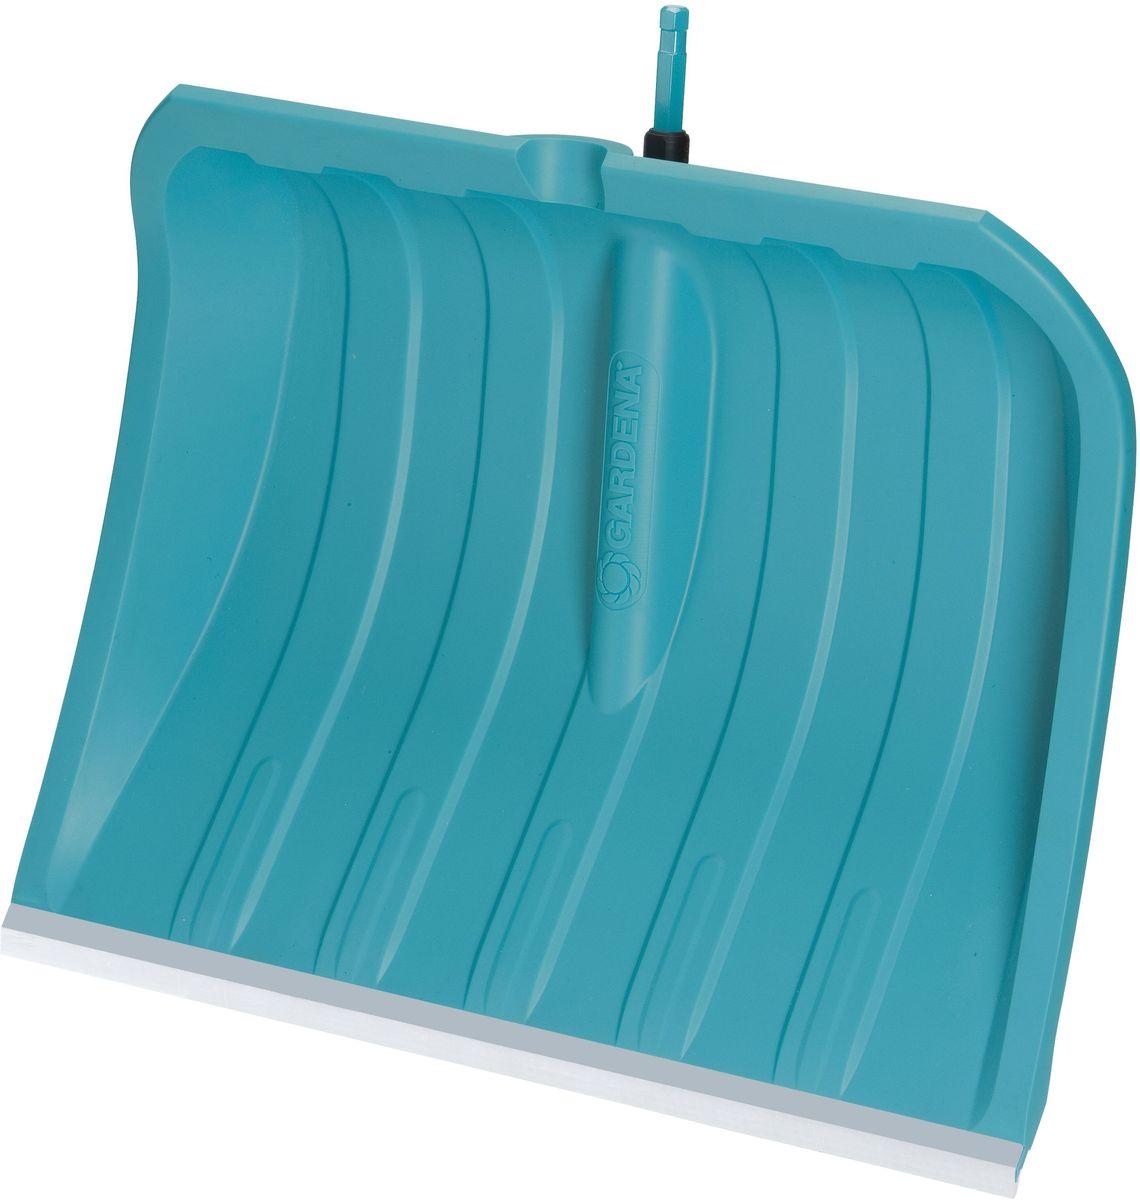 Комплект Gardena: рукоятка деревянная FSC, 150 см (03725-20.000.00), лопата для уборки снега, 50 см, с кромкой из нержавеющей стали (03243-20.000.00)07830-20.000.00Уборка снега, высококачественный пластик; устойчивость к морозу до -40 градусов и соли, рабочая ширина 50см, рекомендуемая длина ручки 130см (3734-20). Бесшумная, износостойкая пластиковая кромка, не повреждающая поверхность. Идеальна подходит для неровных поверхностей, таких как бетон или асфальт.